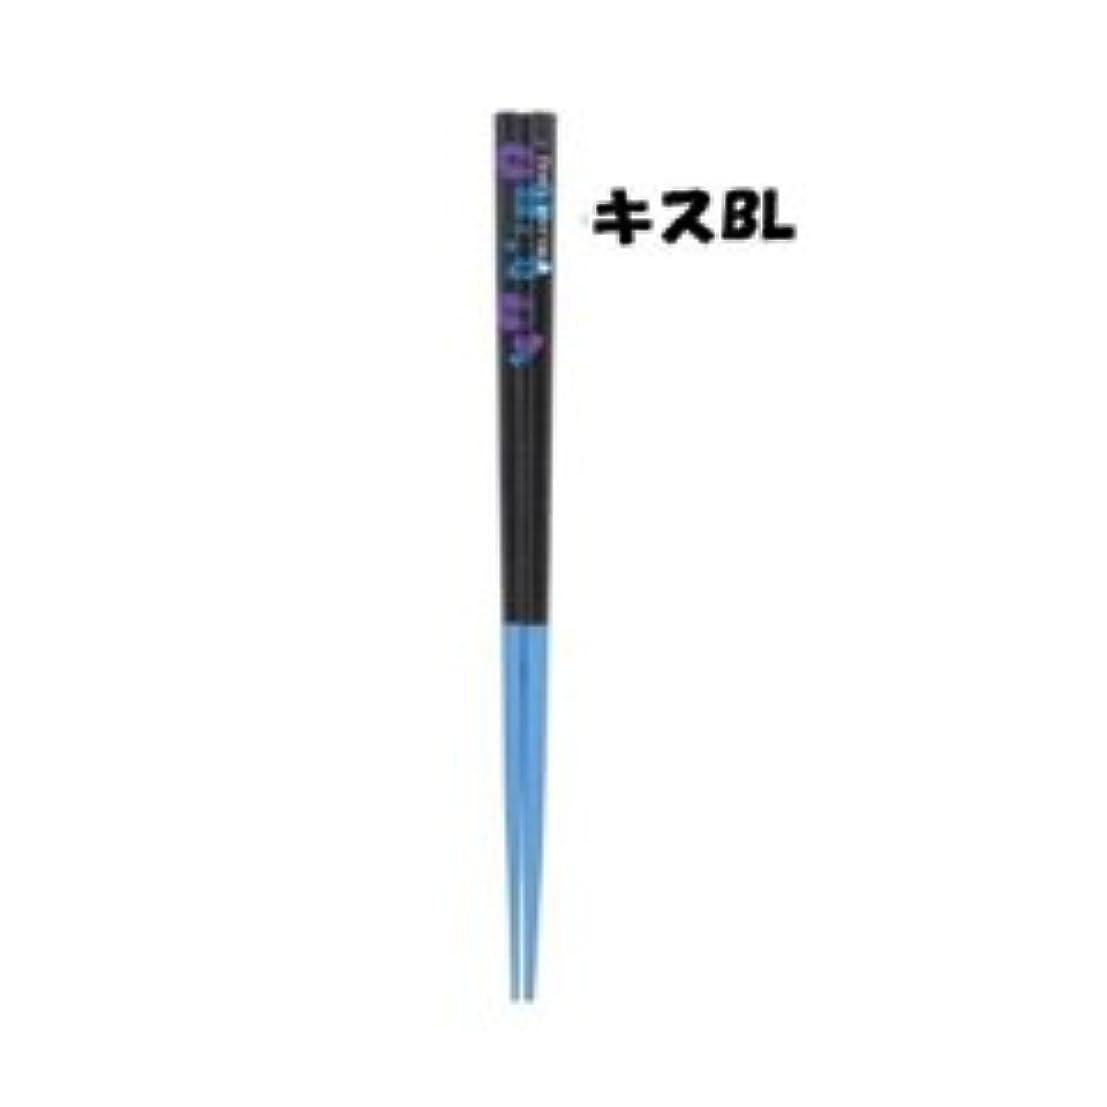 突き出す懇願するメダル【プライムナカムラ】ダイエット 応援箸 キスブルー